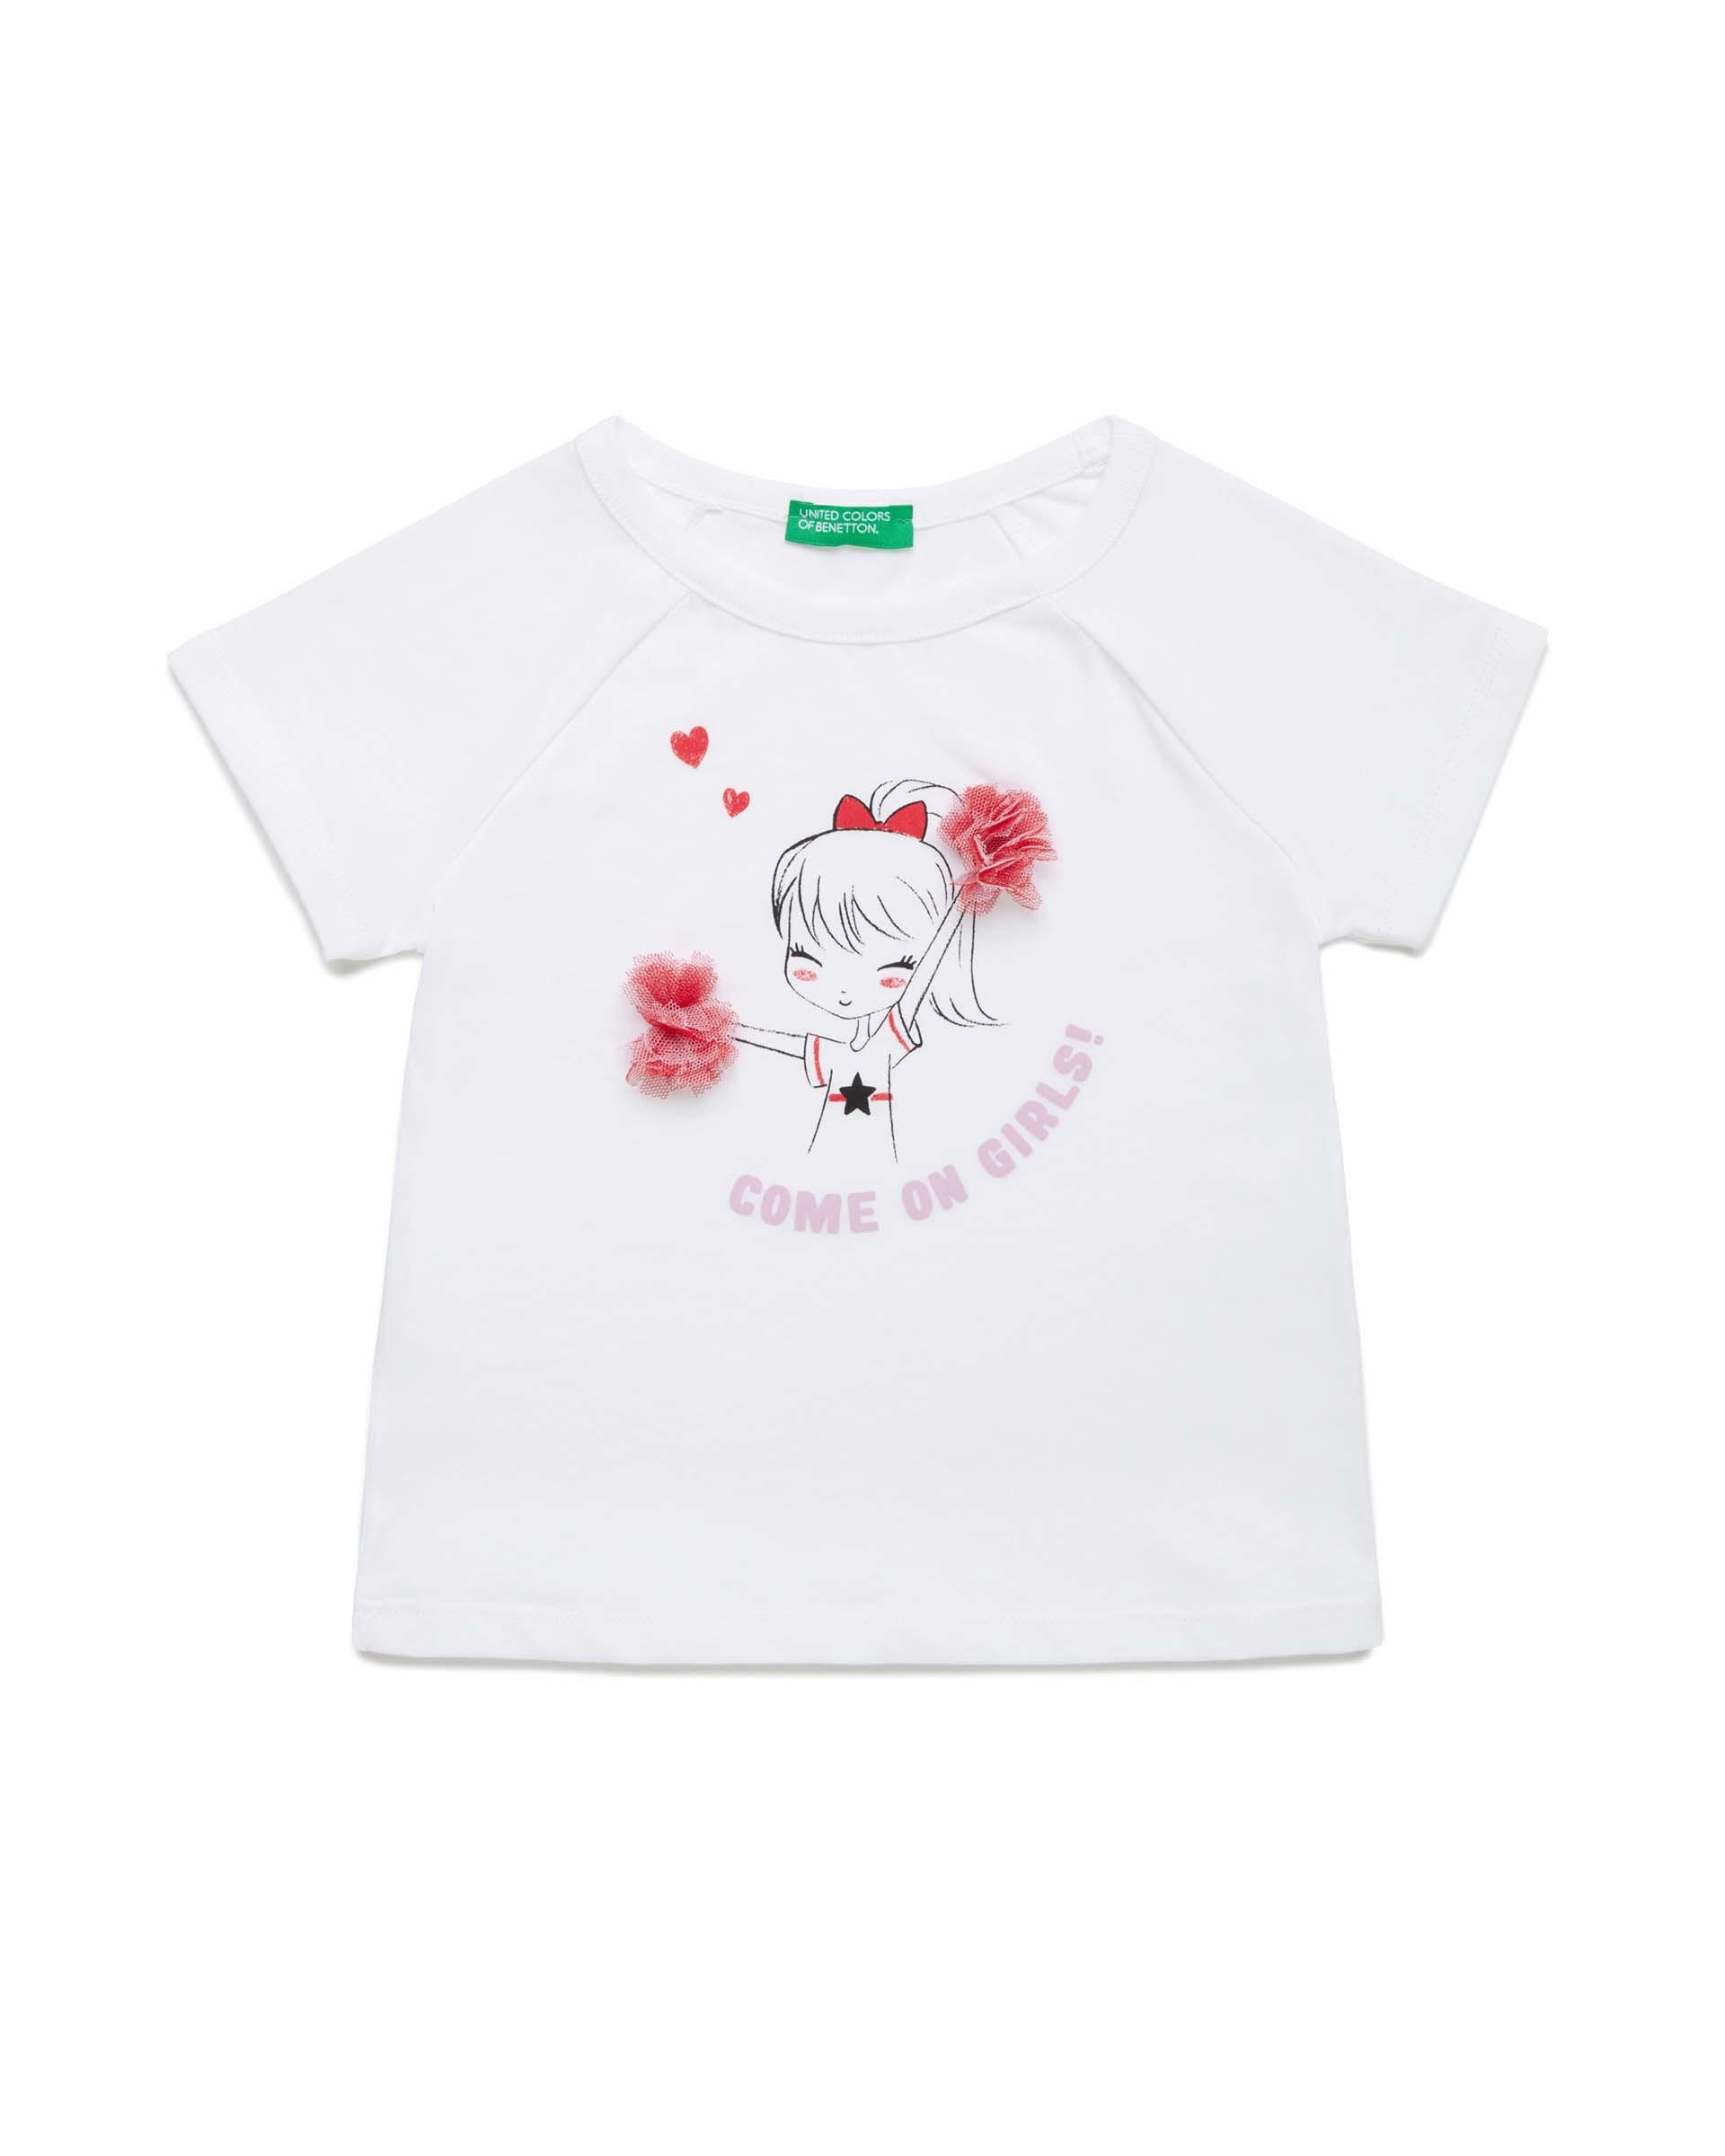 Купить 20P_3096C1APP_101, Футболка для девочек Benetton 3096C1APP_101 р-р 80, United Colors of Benetton, Кофточки, футболки для новорожденных